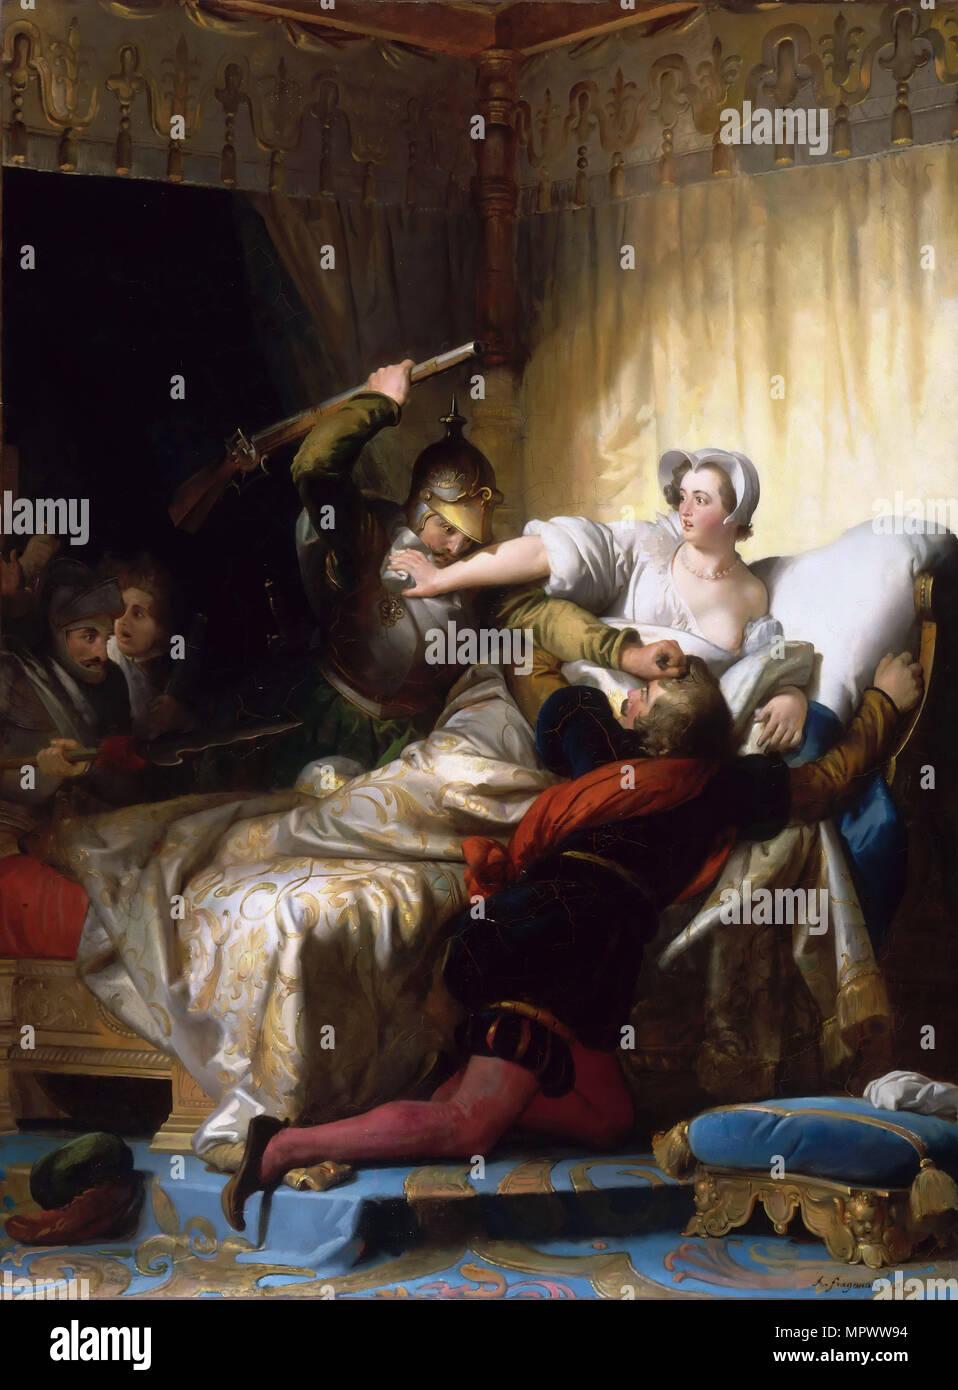 Scene in the bedroom of Marguerite de Valois during the St. Bartholomew's Day massacre, 1836. Stock Photo